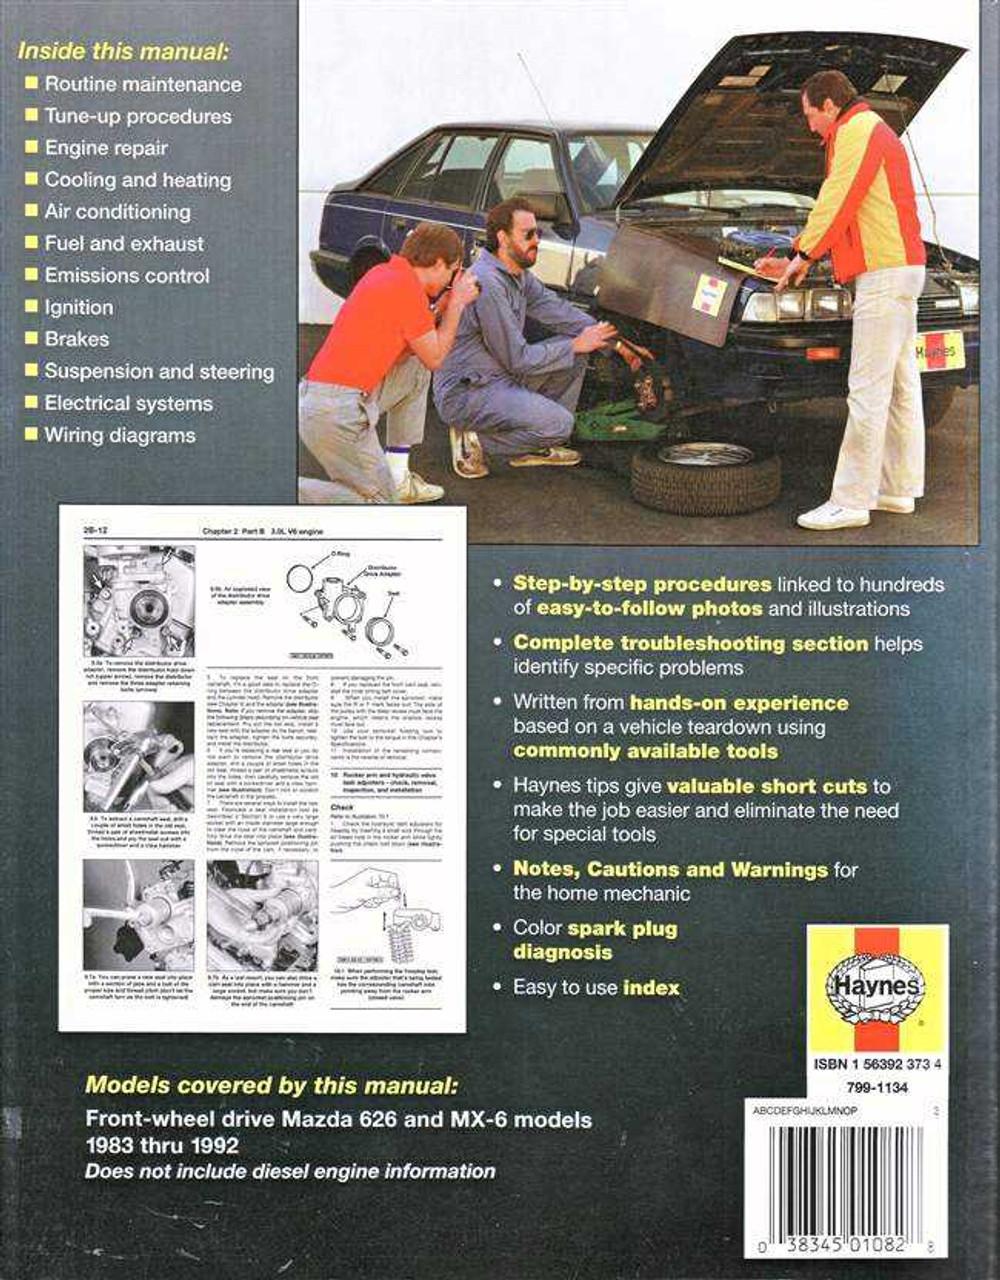 1996 Mazda 626 Stereo Wiring Diagram